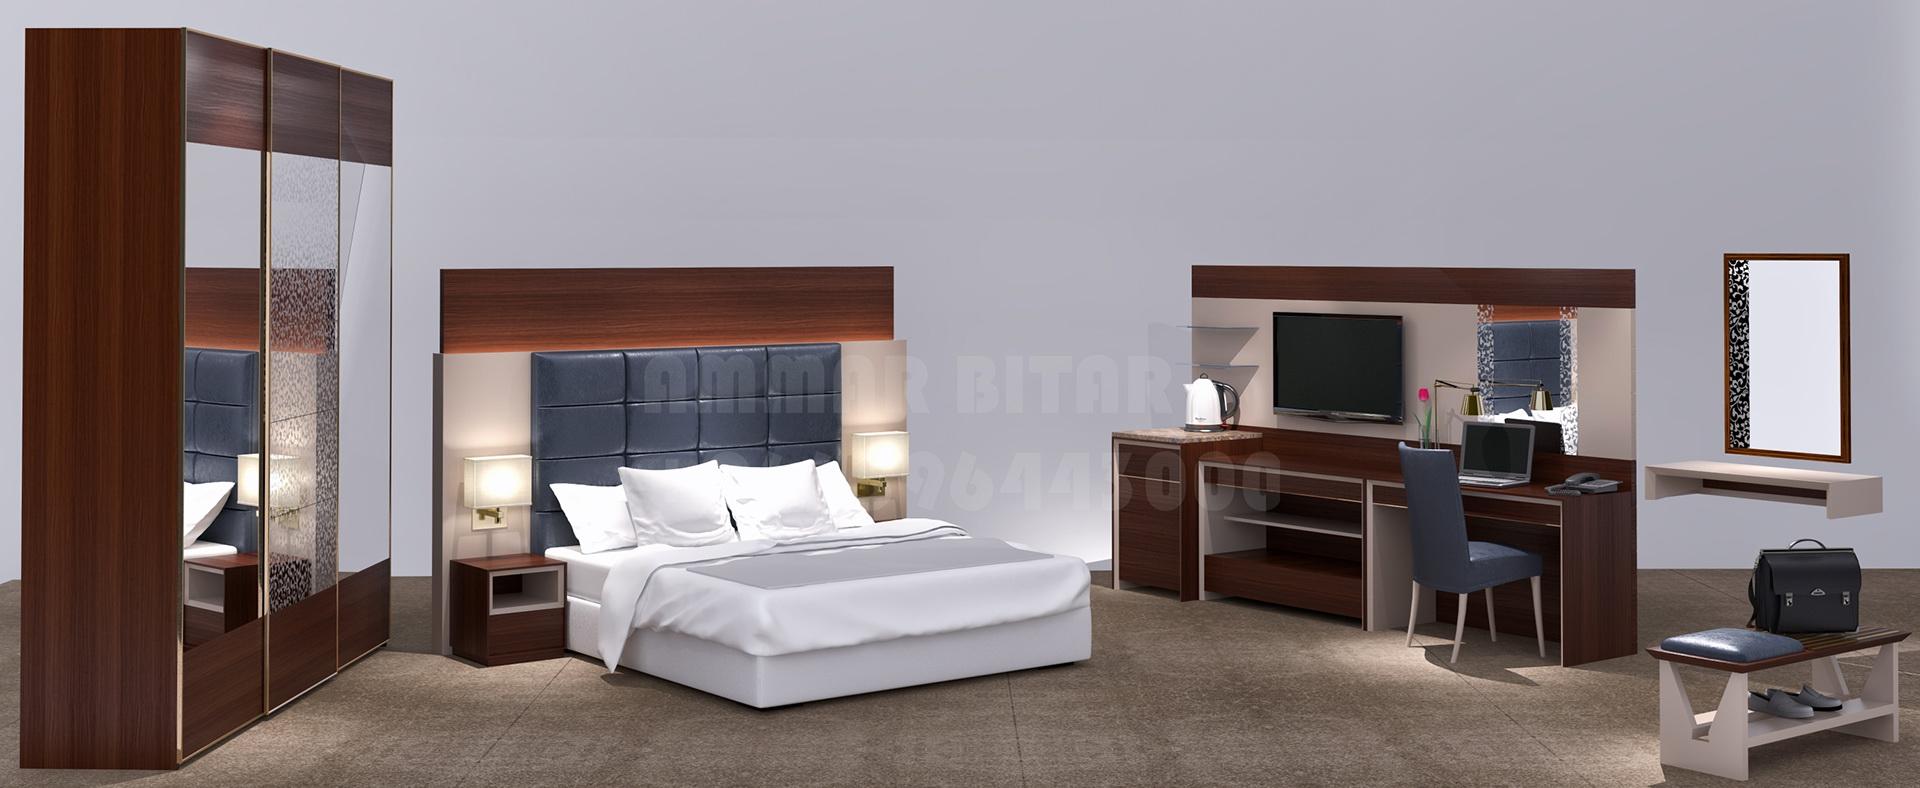 Hofu Hotel Furniture